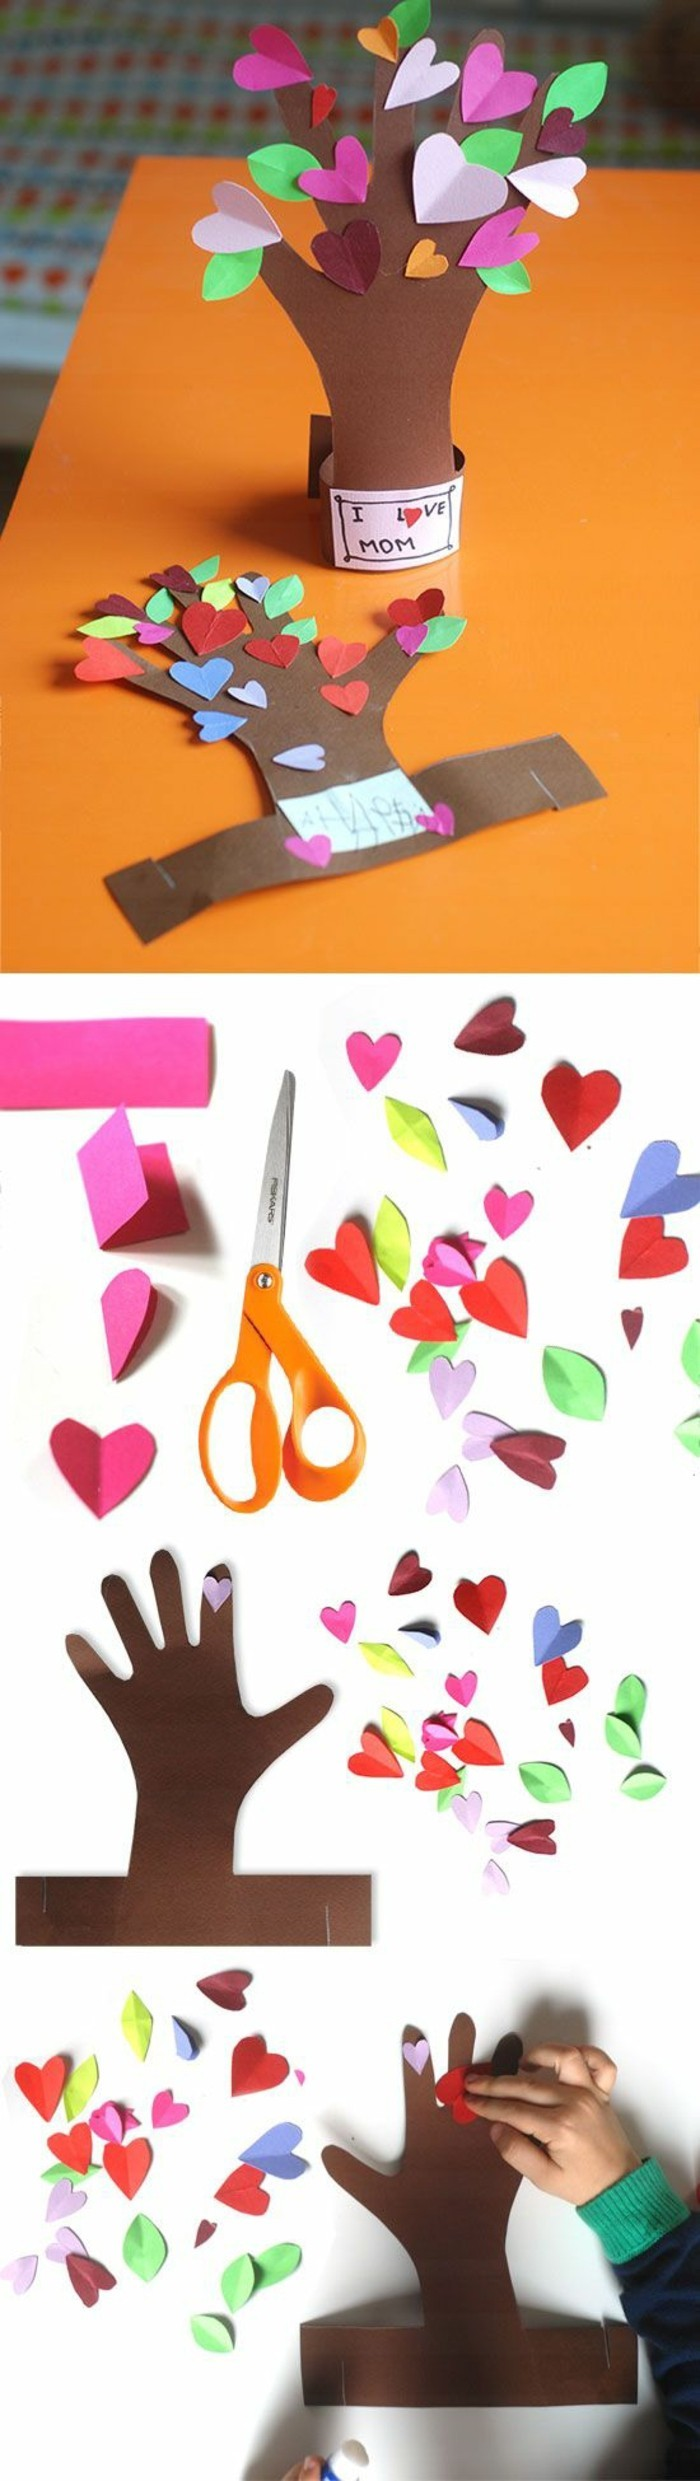 55 magnifiques id es de bricolage saint valentin pour petits et grands - Activite manuelle a faire a la maison pour adulte ...